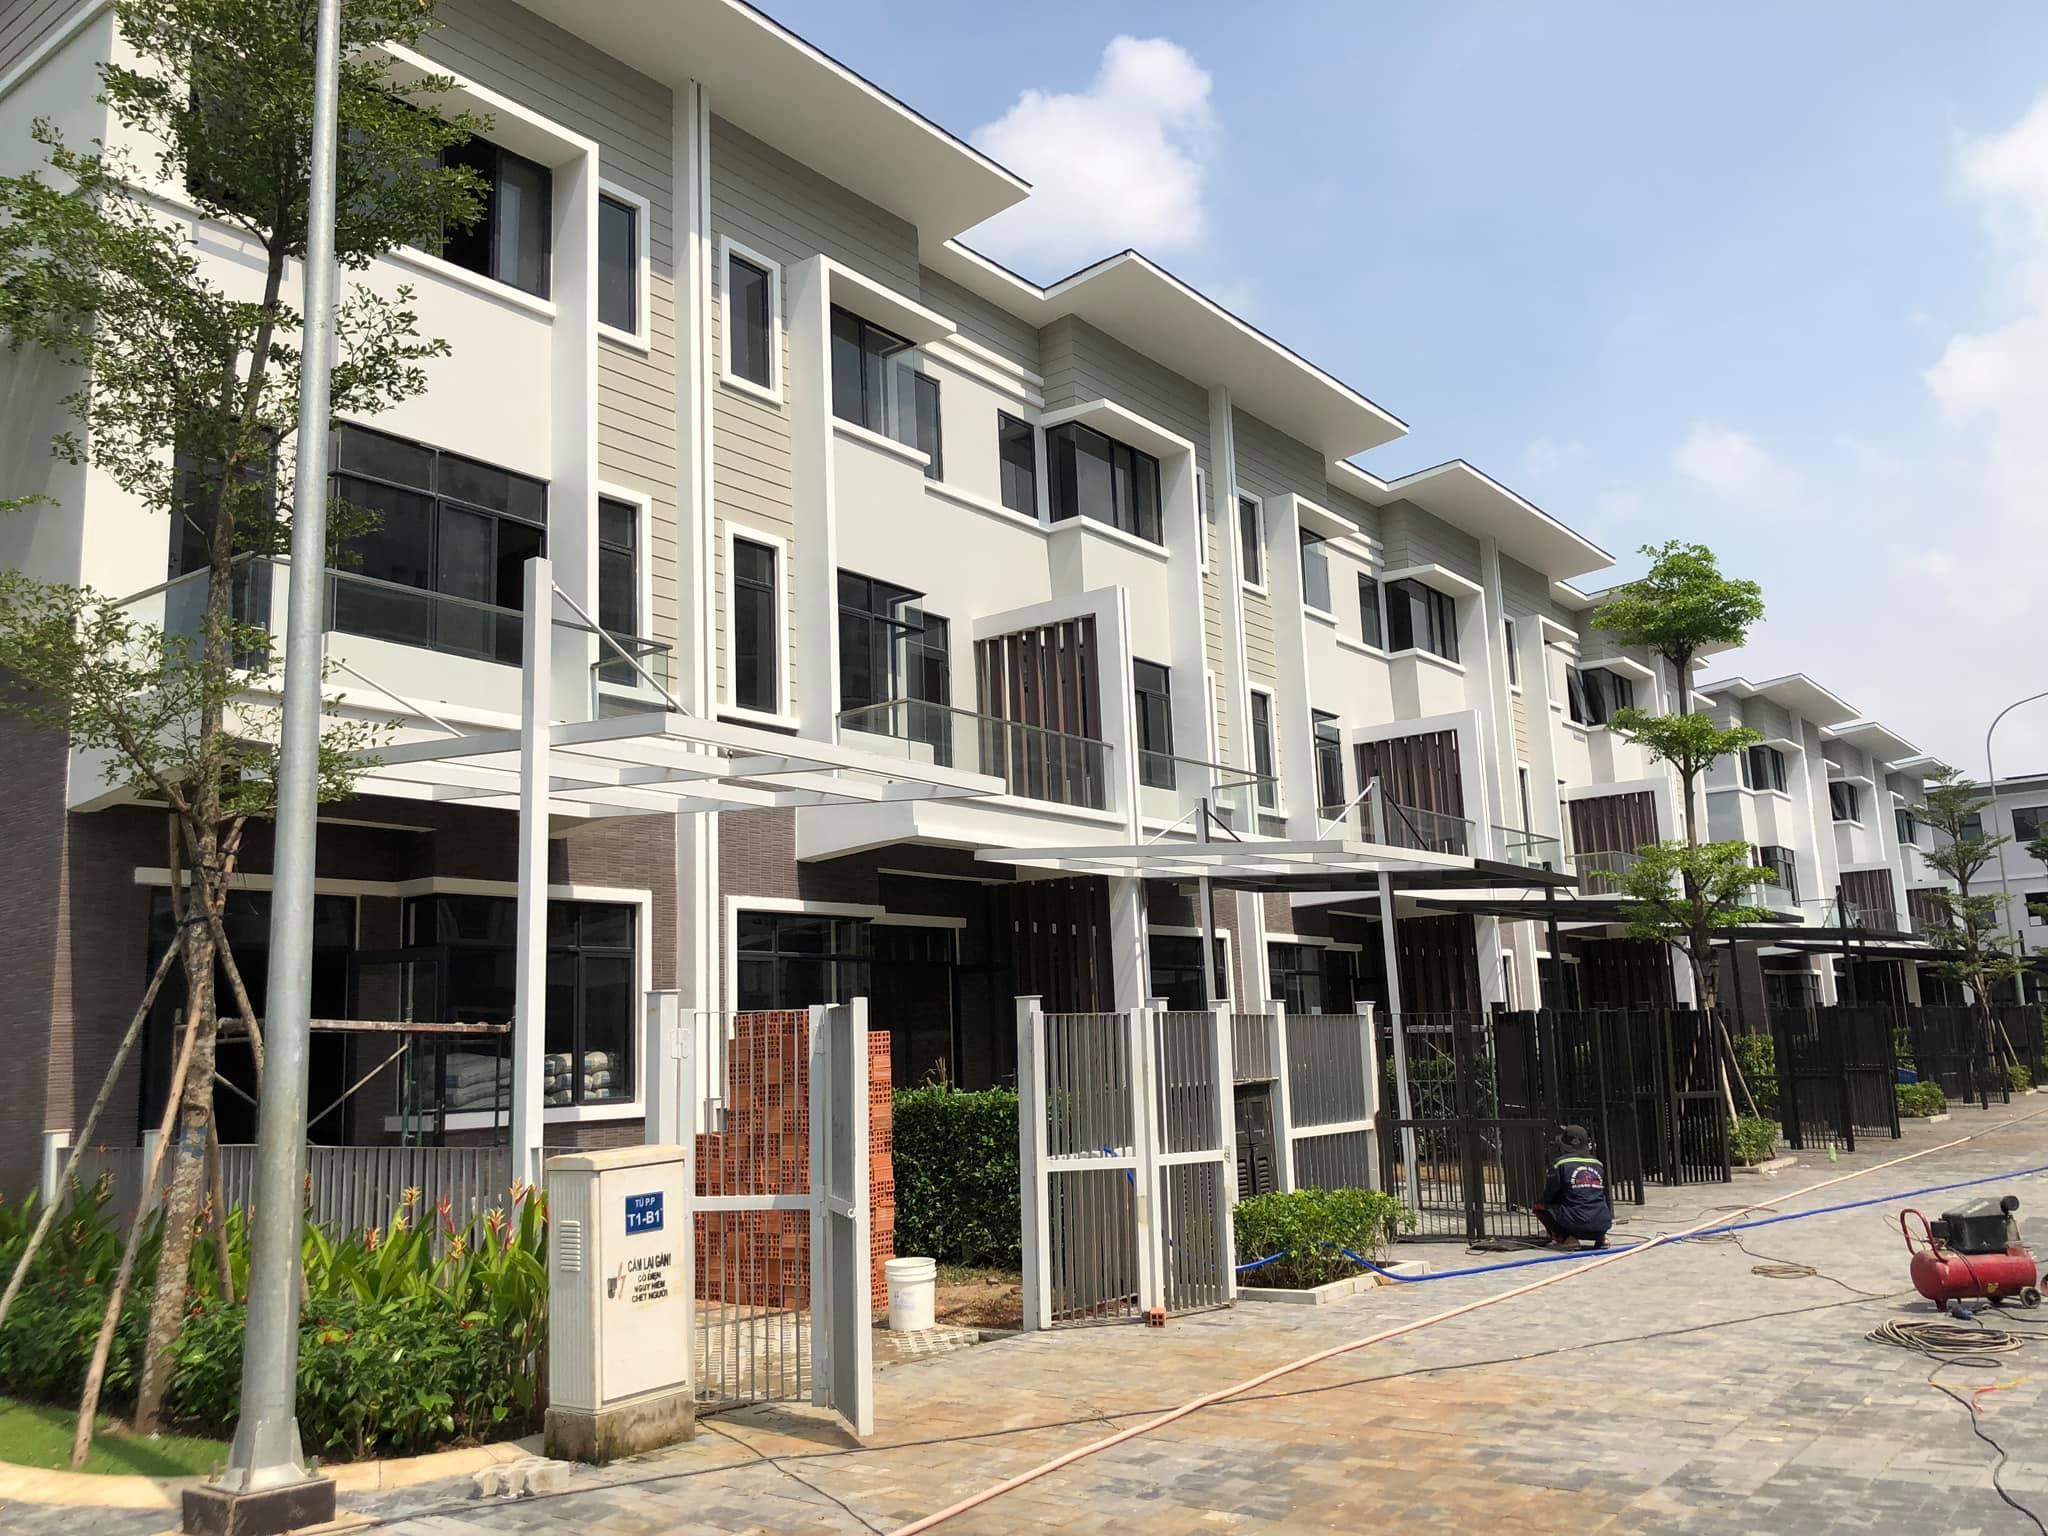 Khu nhà phố Đảo Thiên Đường đang hoàn thiện, chuẩn bị bàn giao cho khách hàng.